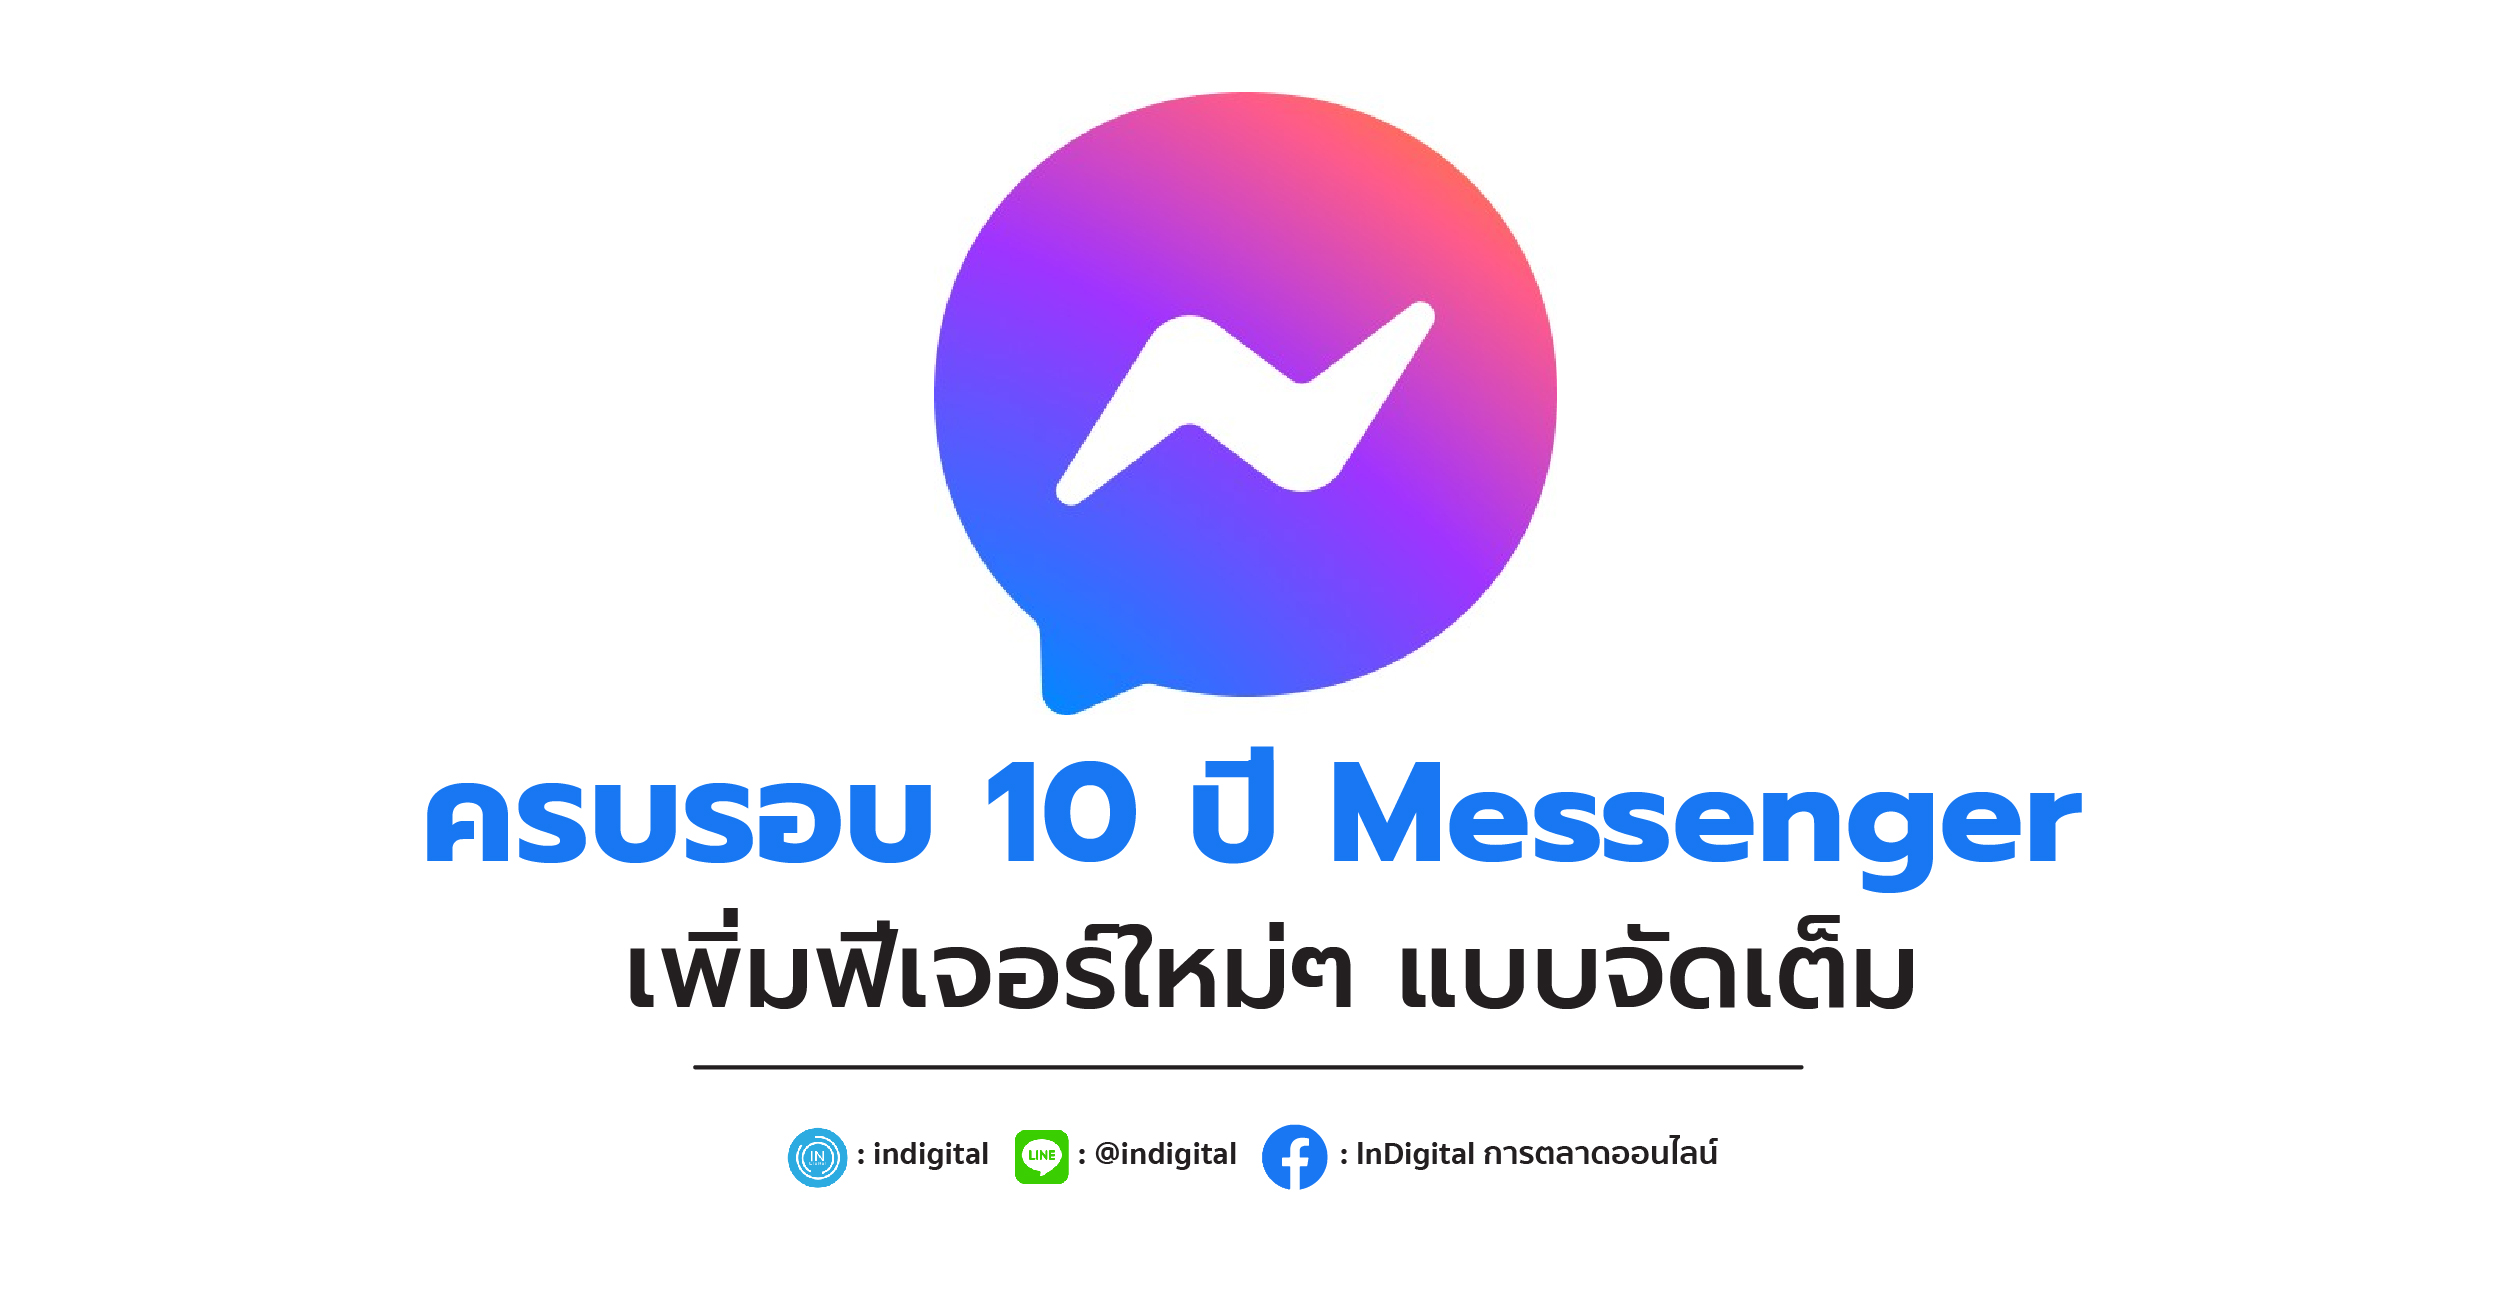 ครบรอบ 10 ปี Messenger เพิ่มฟีเจอร์ใหม่ๆ แบบจัดเต็ม